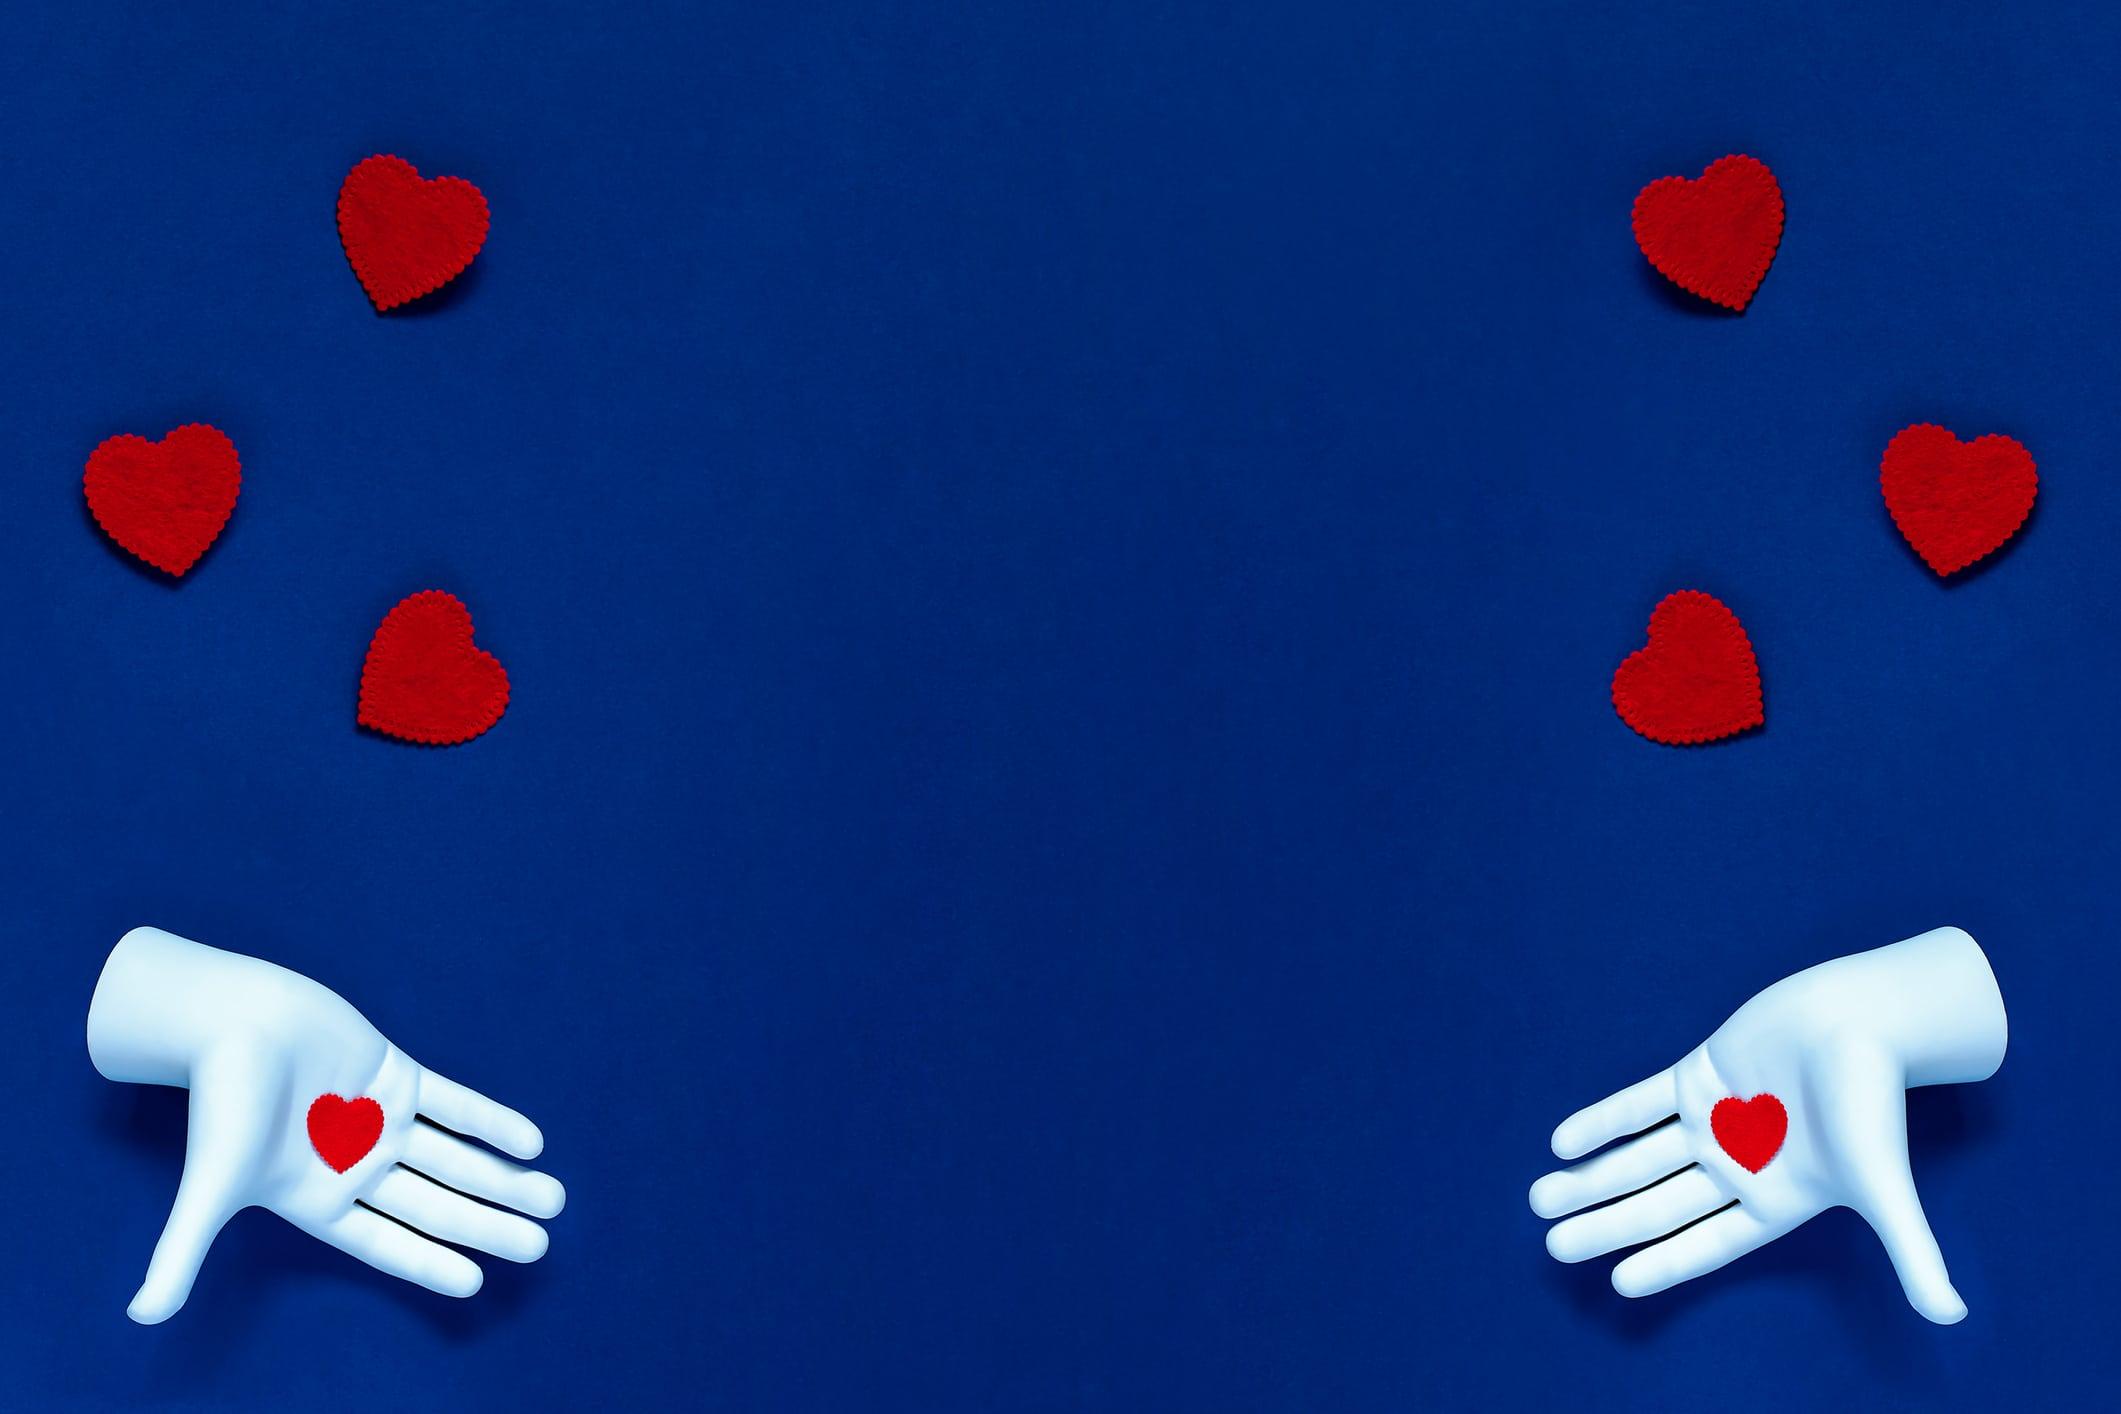 Duas mãos joando corações vermelhos ao alto